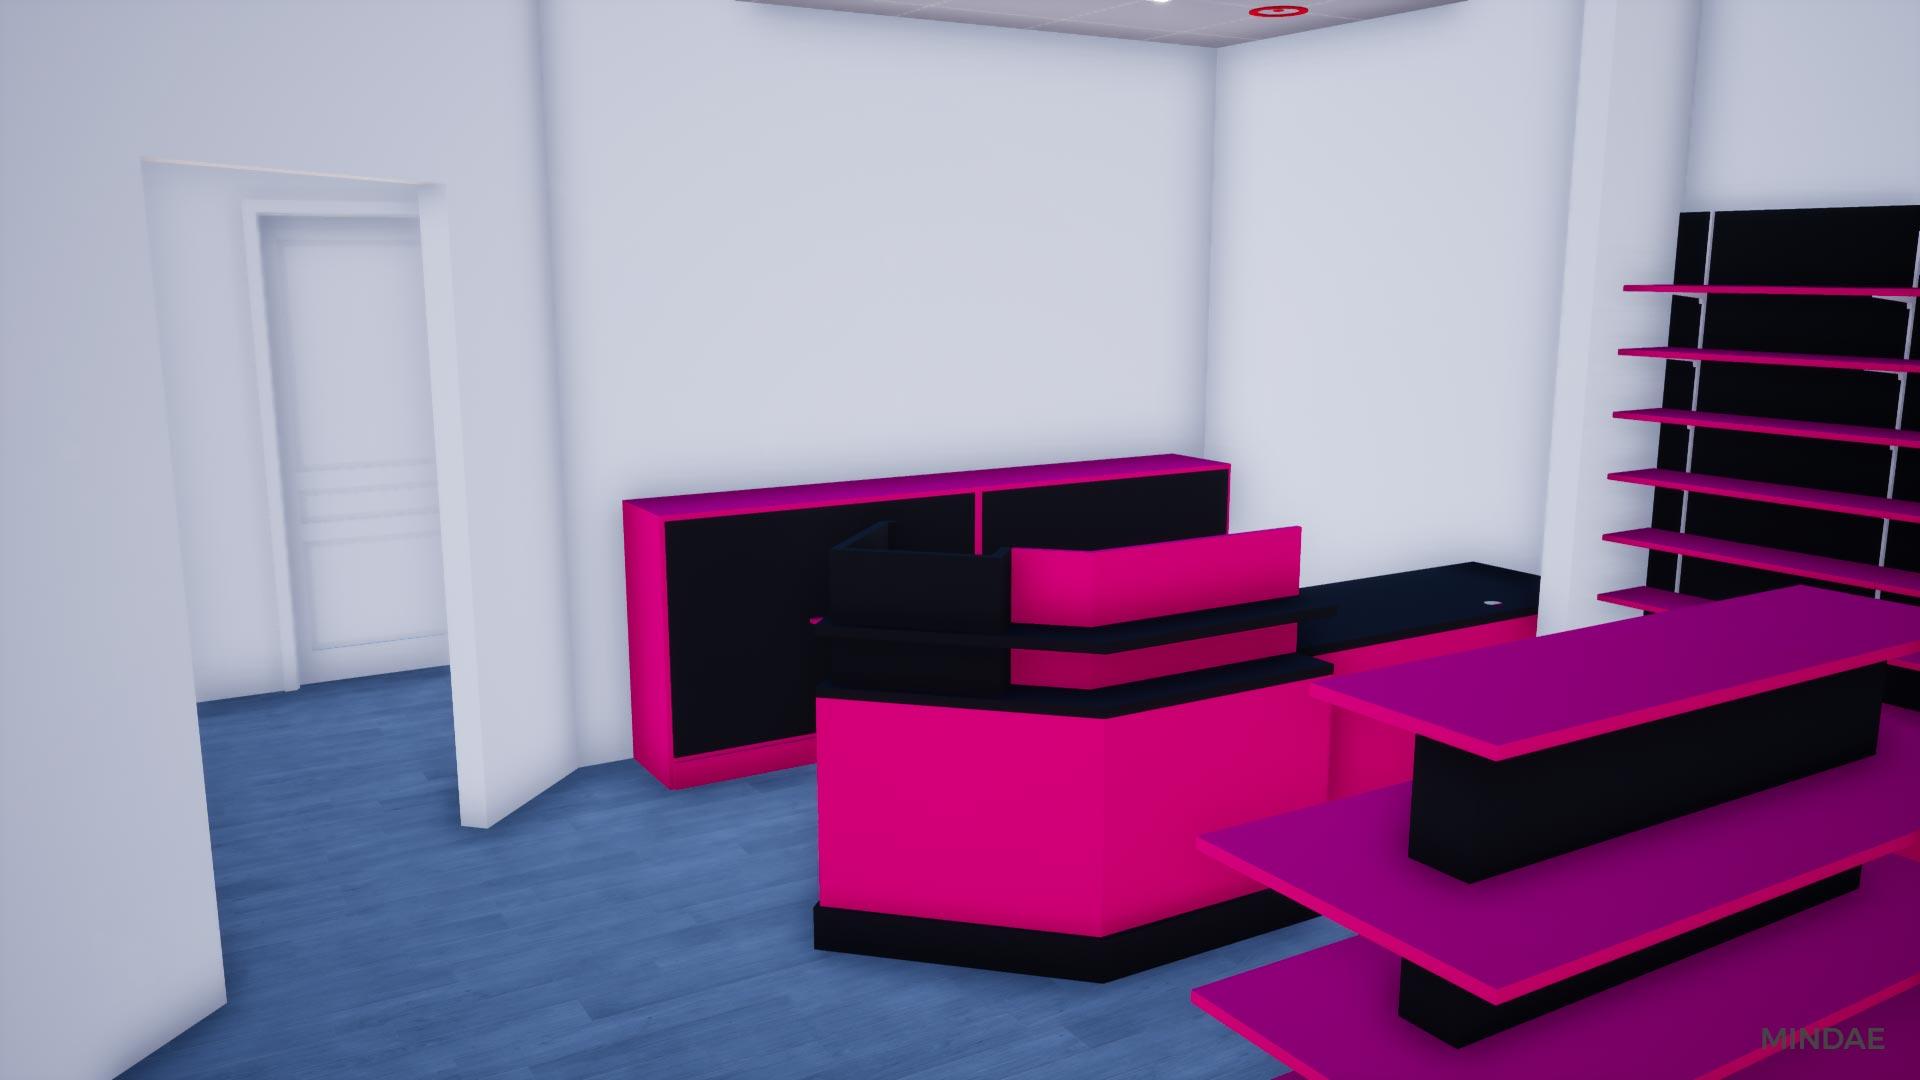 Mindae_parapharmacie_rose_ifs_comptoir_mobilier_agencement_gondoles_3D-(2)